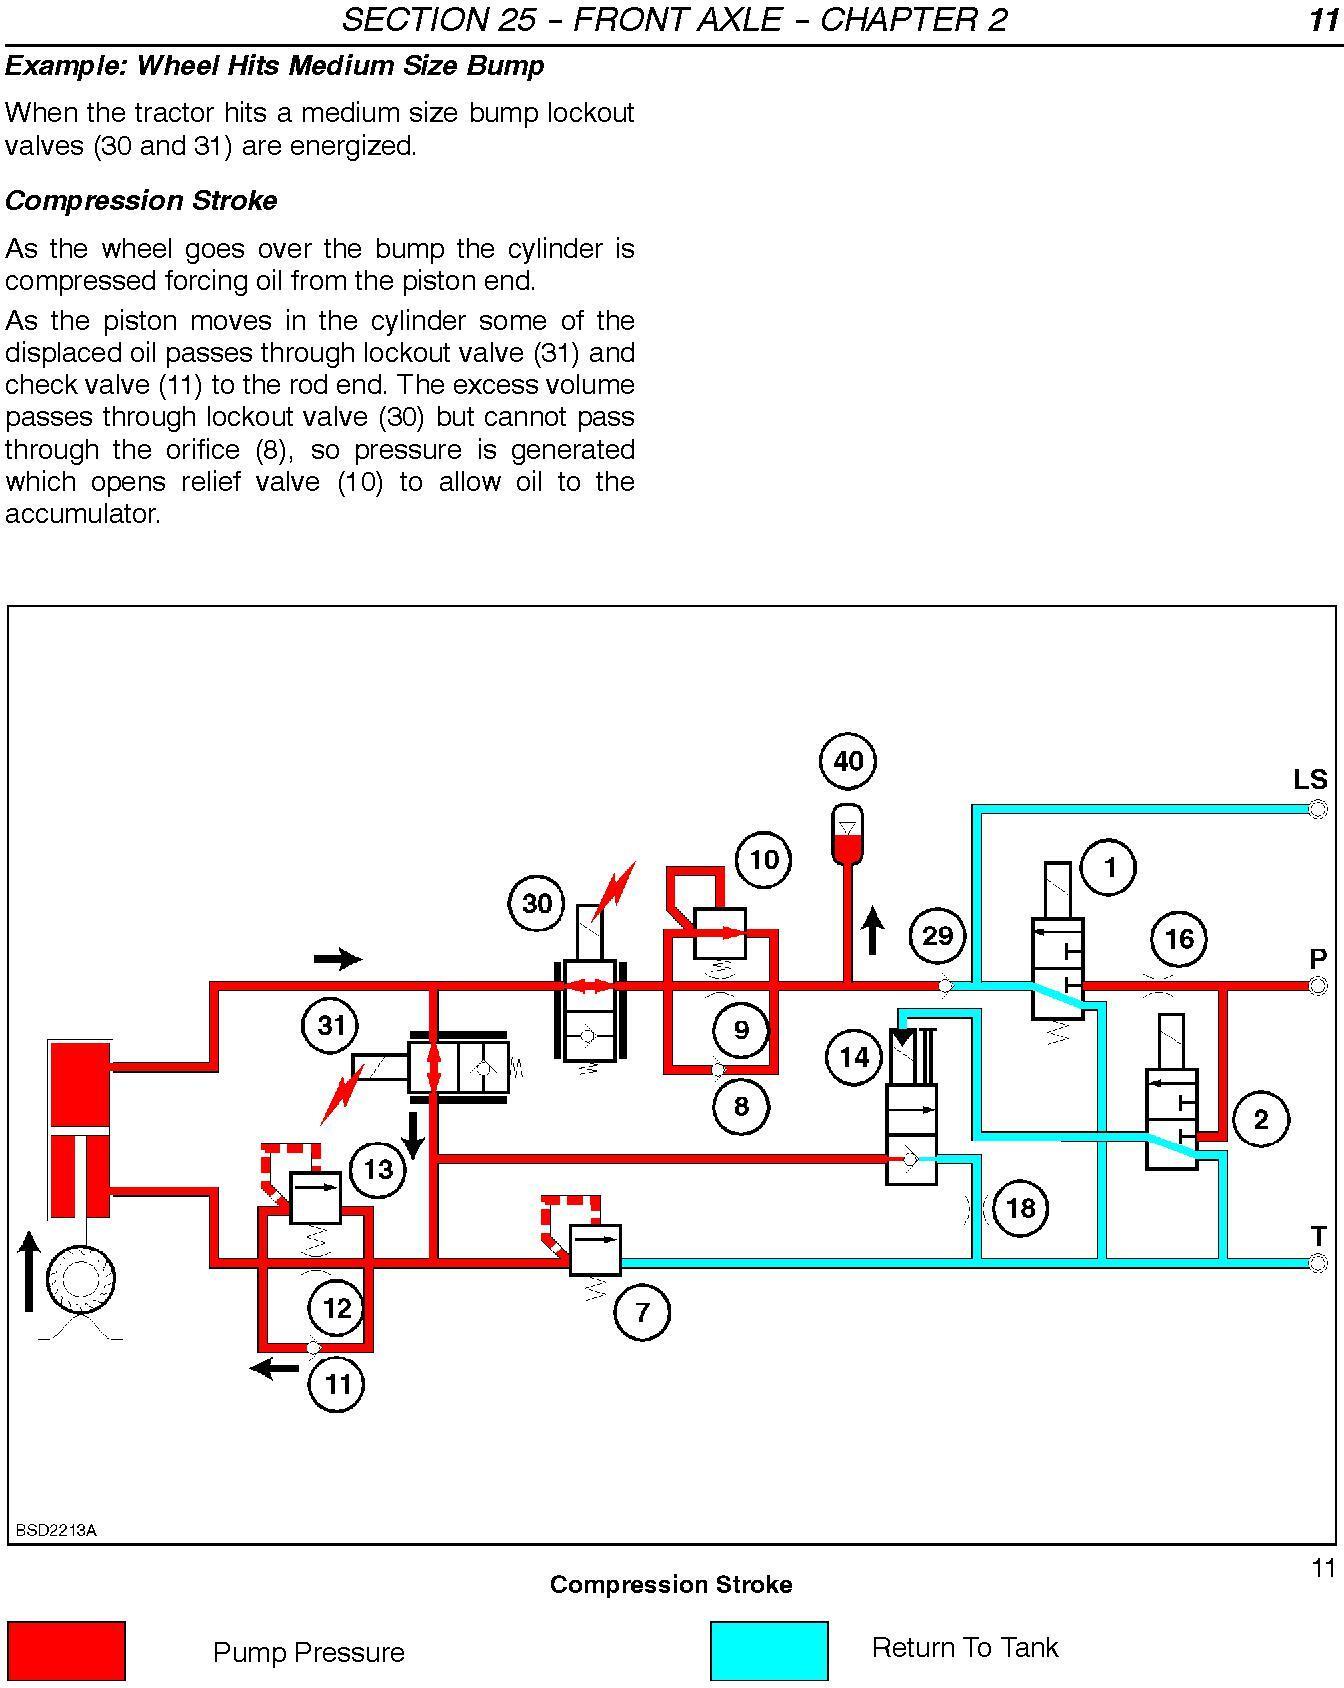 New Holland TM120, TM130, TM140, TM155, TM175, TM190 Tractors Service Manual - 1